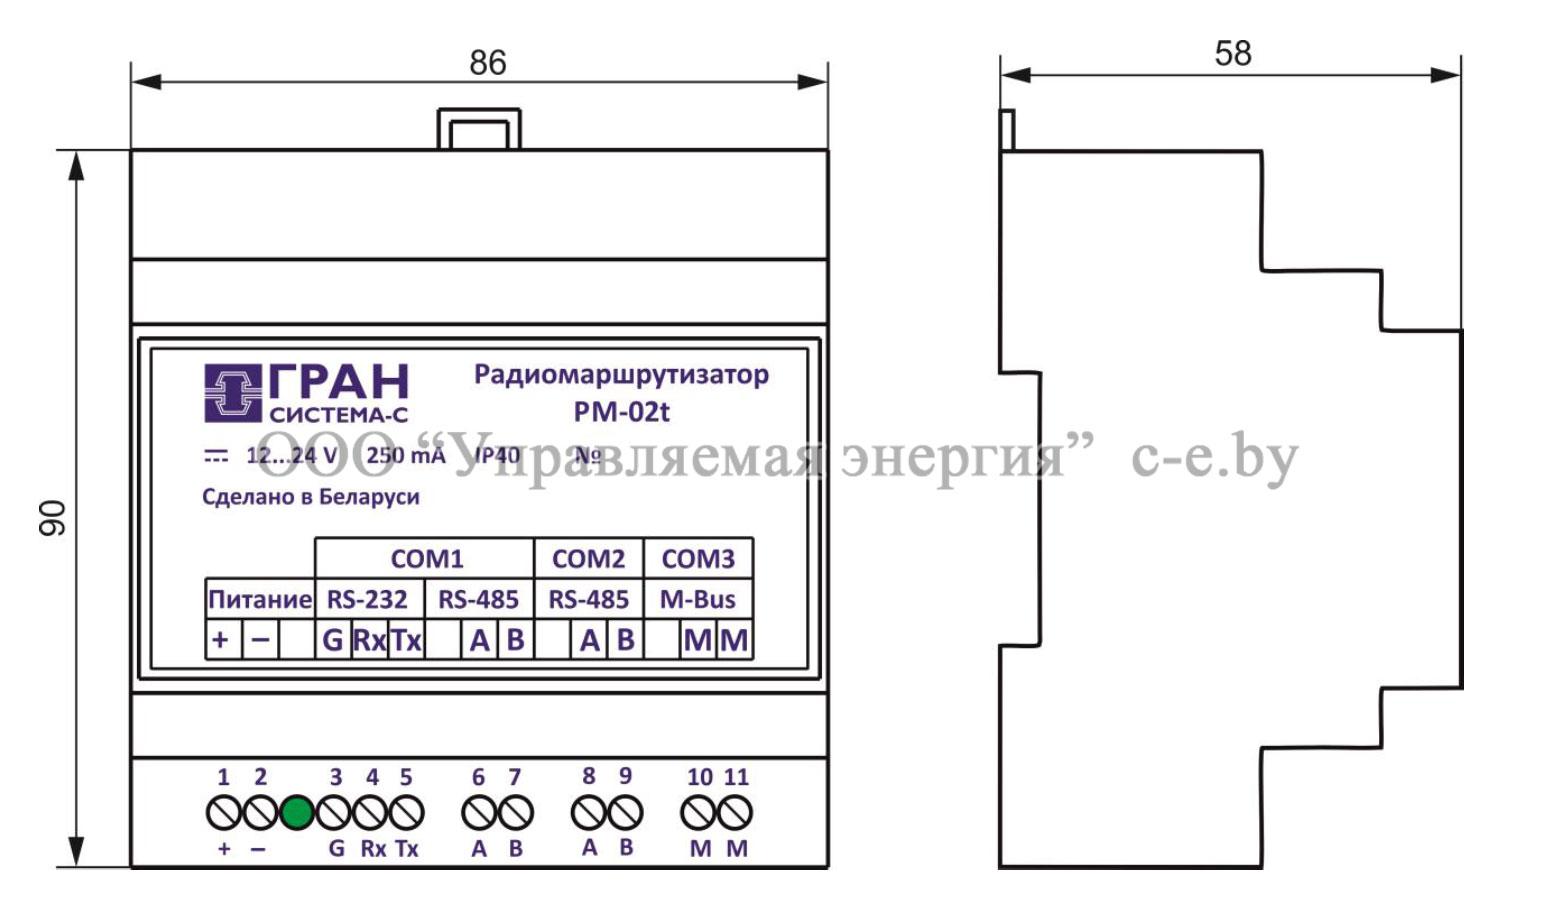 Внешний вид и габариты радиомаршрутизатора РМ-02t